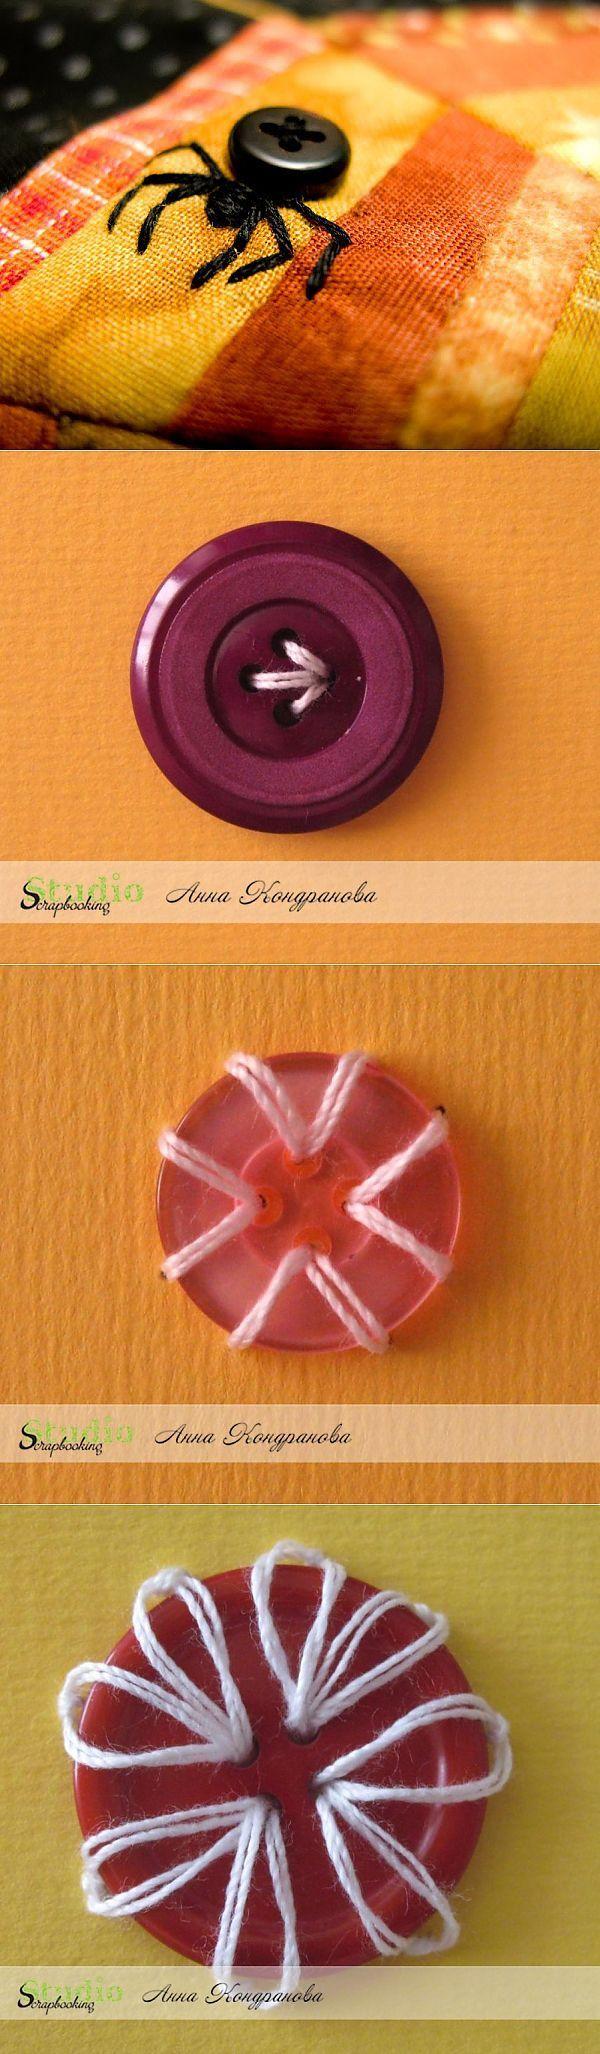 Новые идеи креативного пришивания пуговиц / Пуговицы / Модный сайт о стильной переделке одежды и интерьер